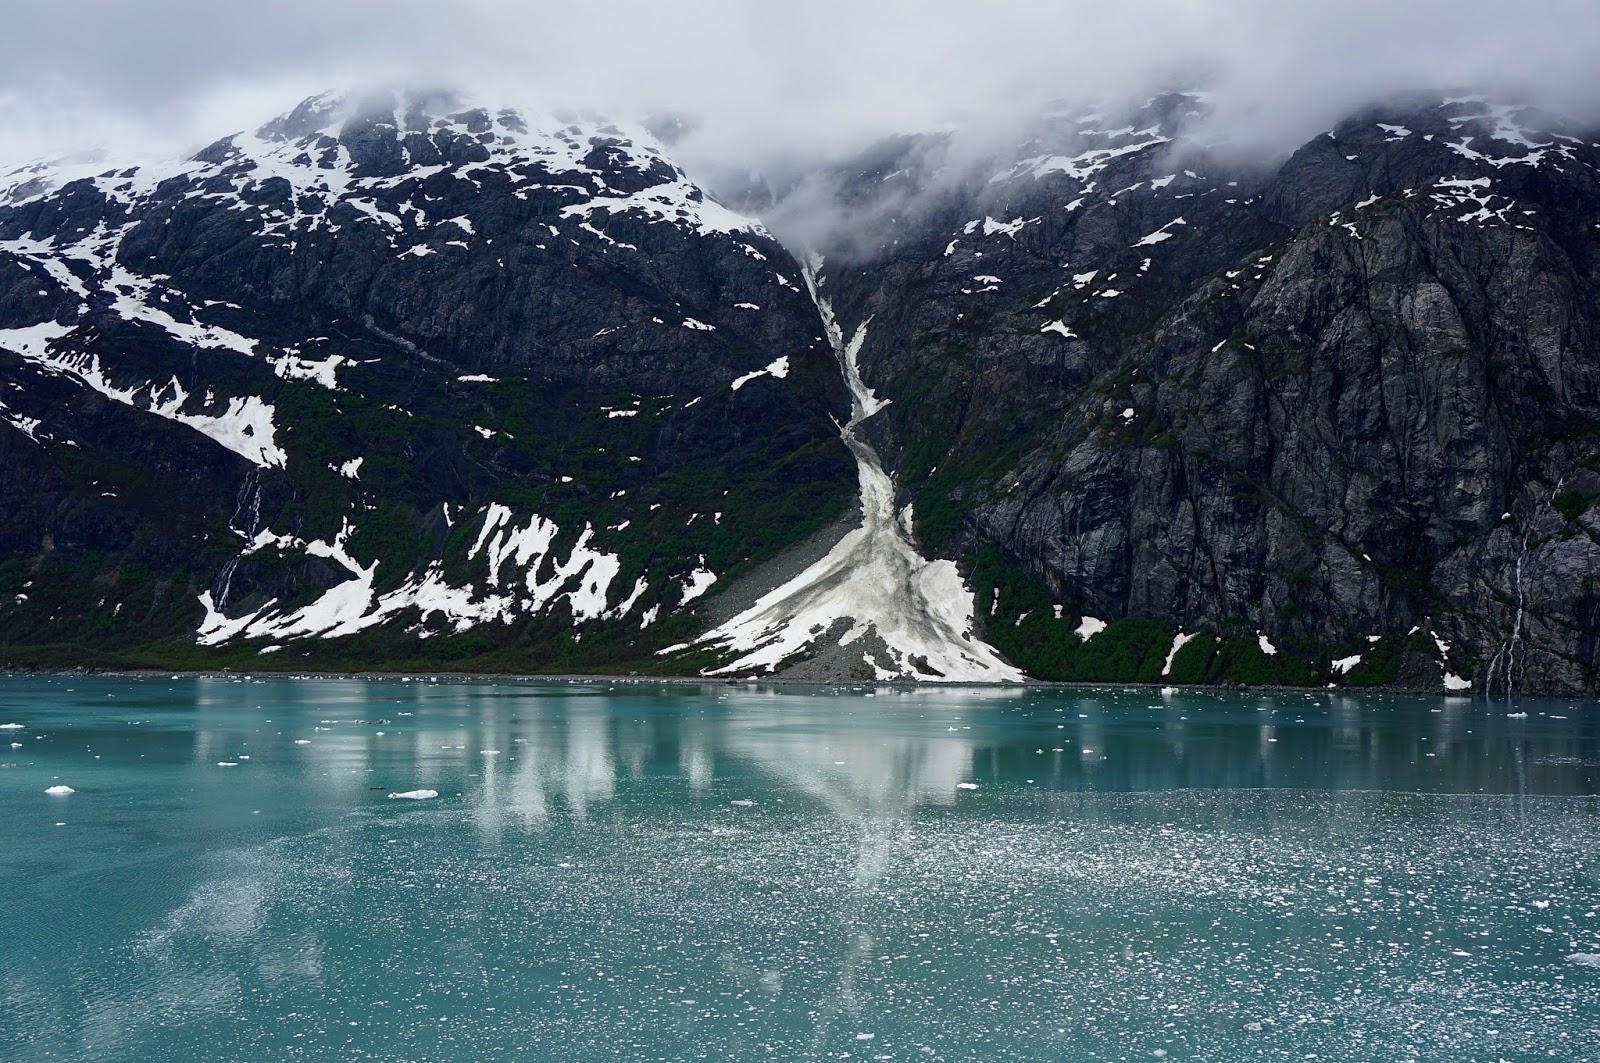 glacier bay alaskan cruise review